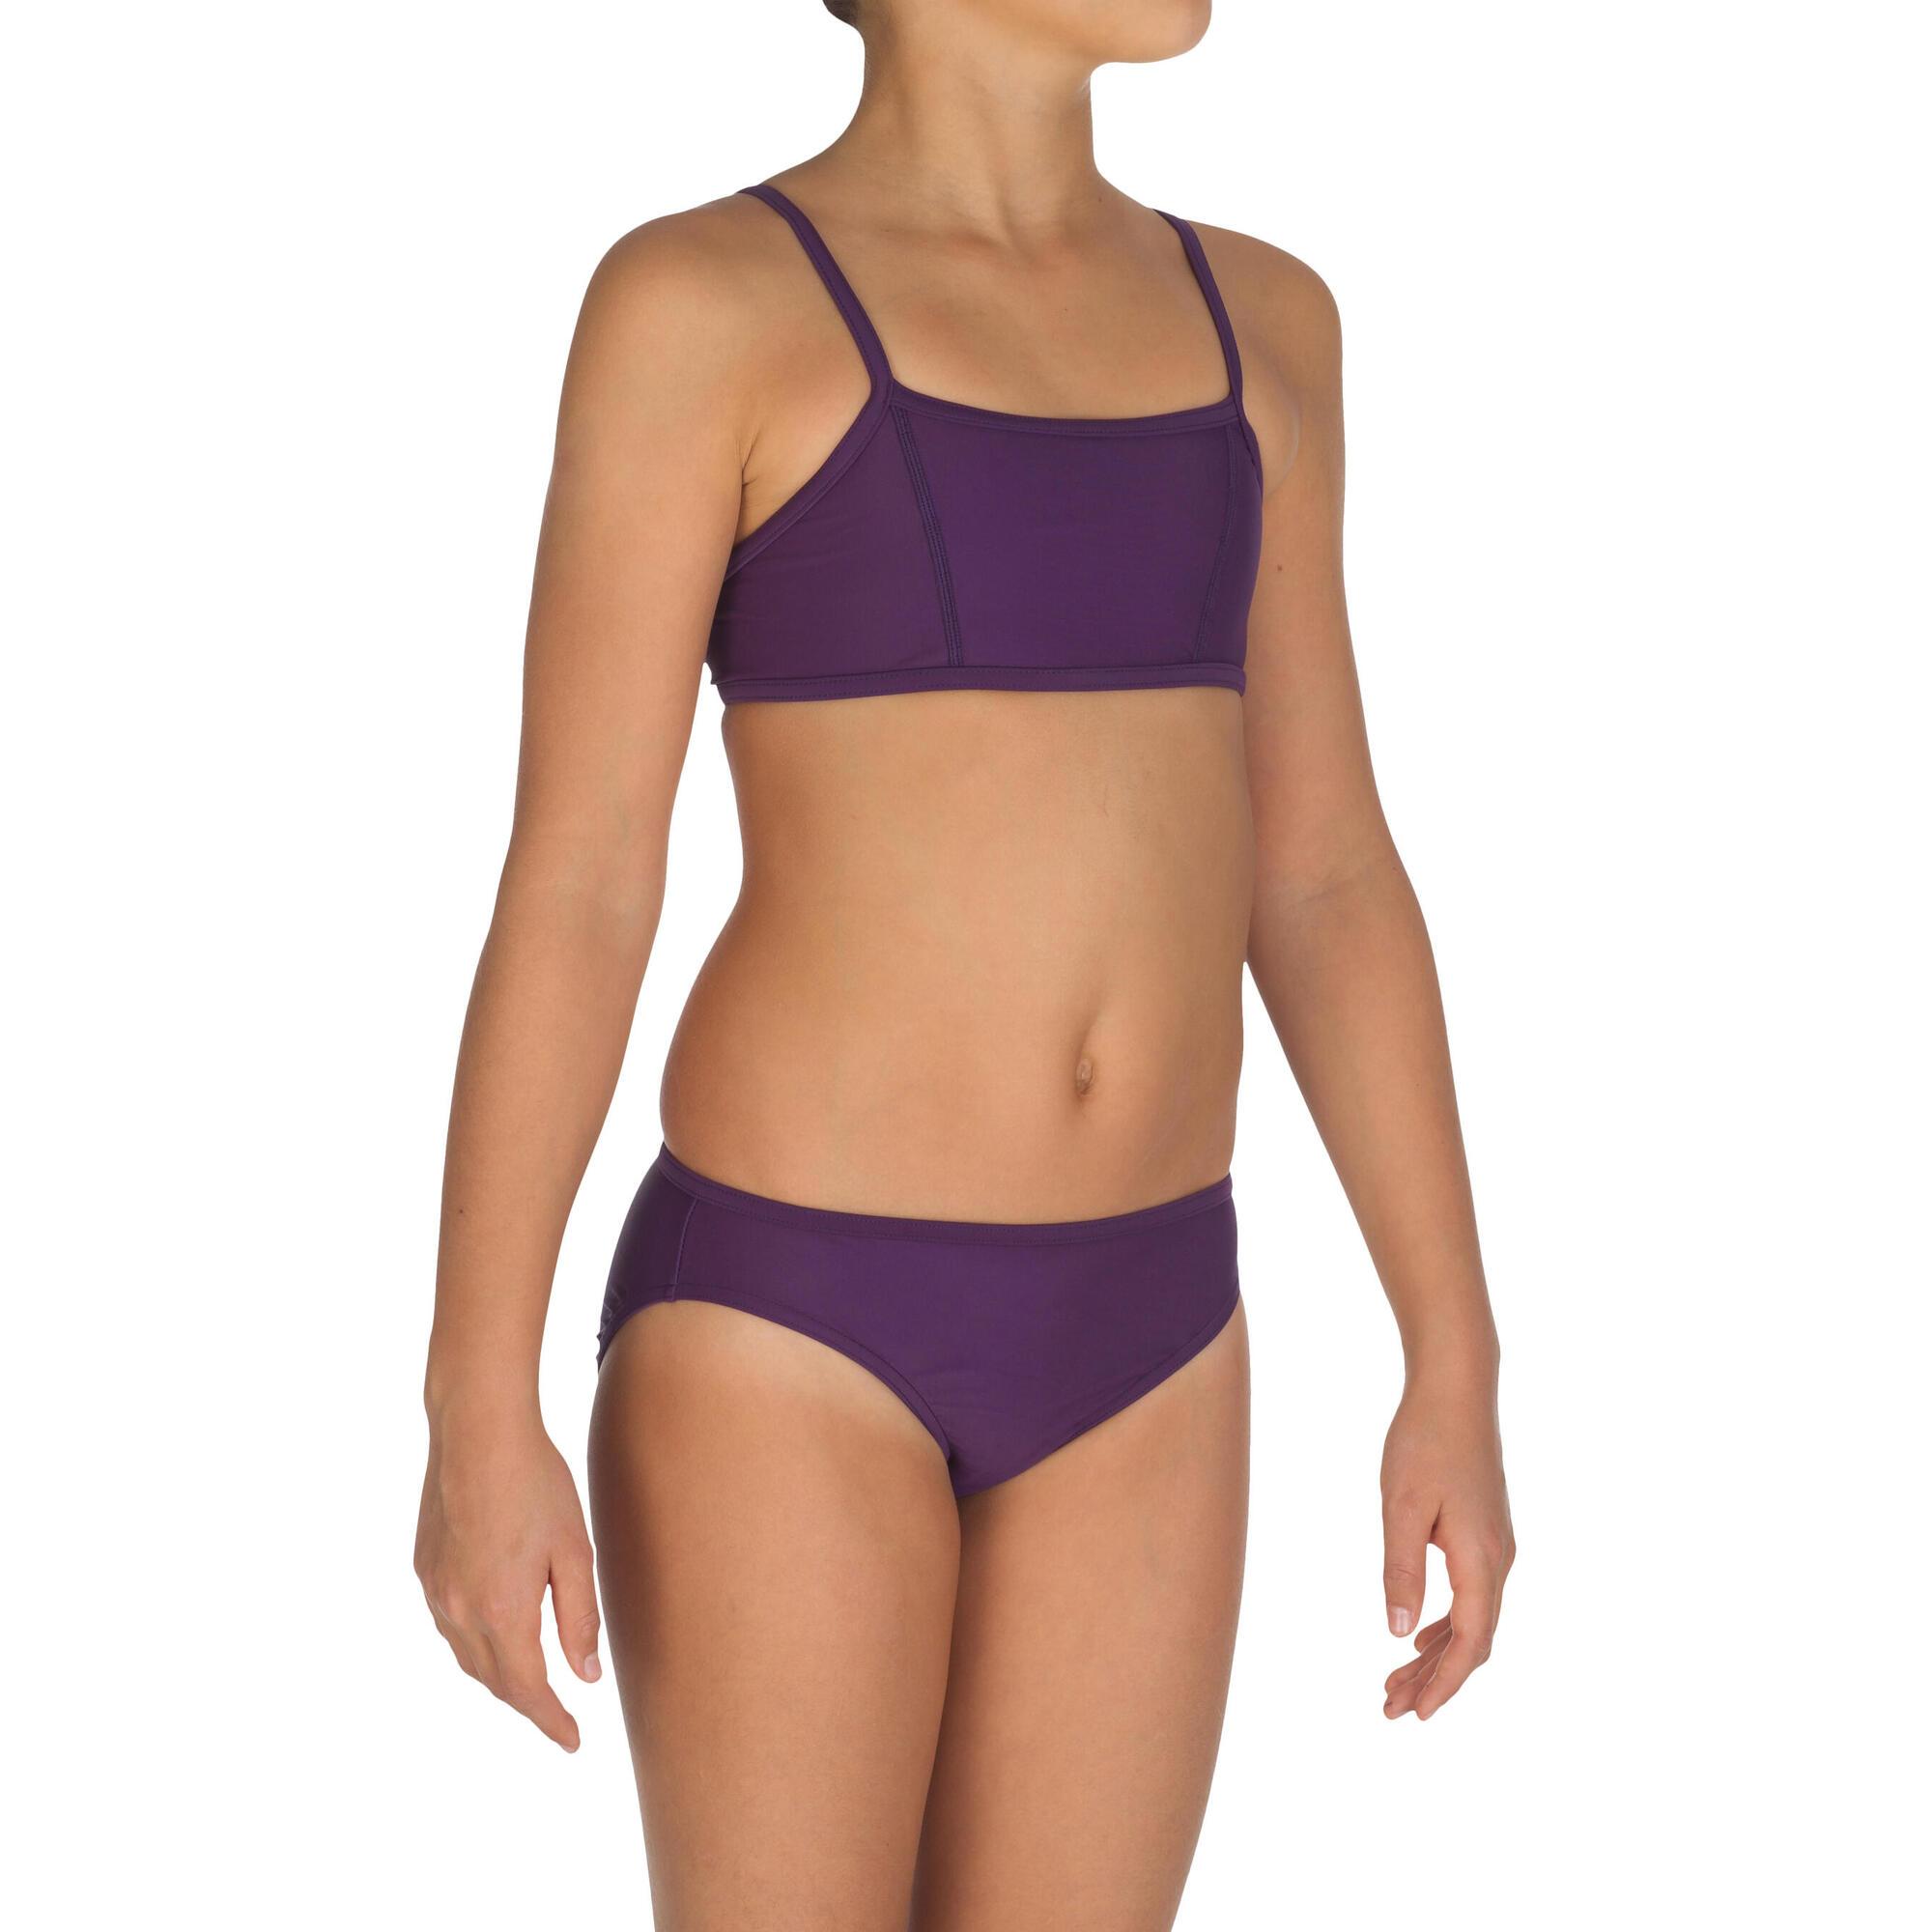 maillot de bain 2 pi ces fille brassi re violet tribordvoile. Black Bedroom Furniture Sets. Home Design Ideas